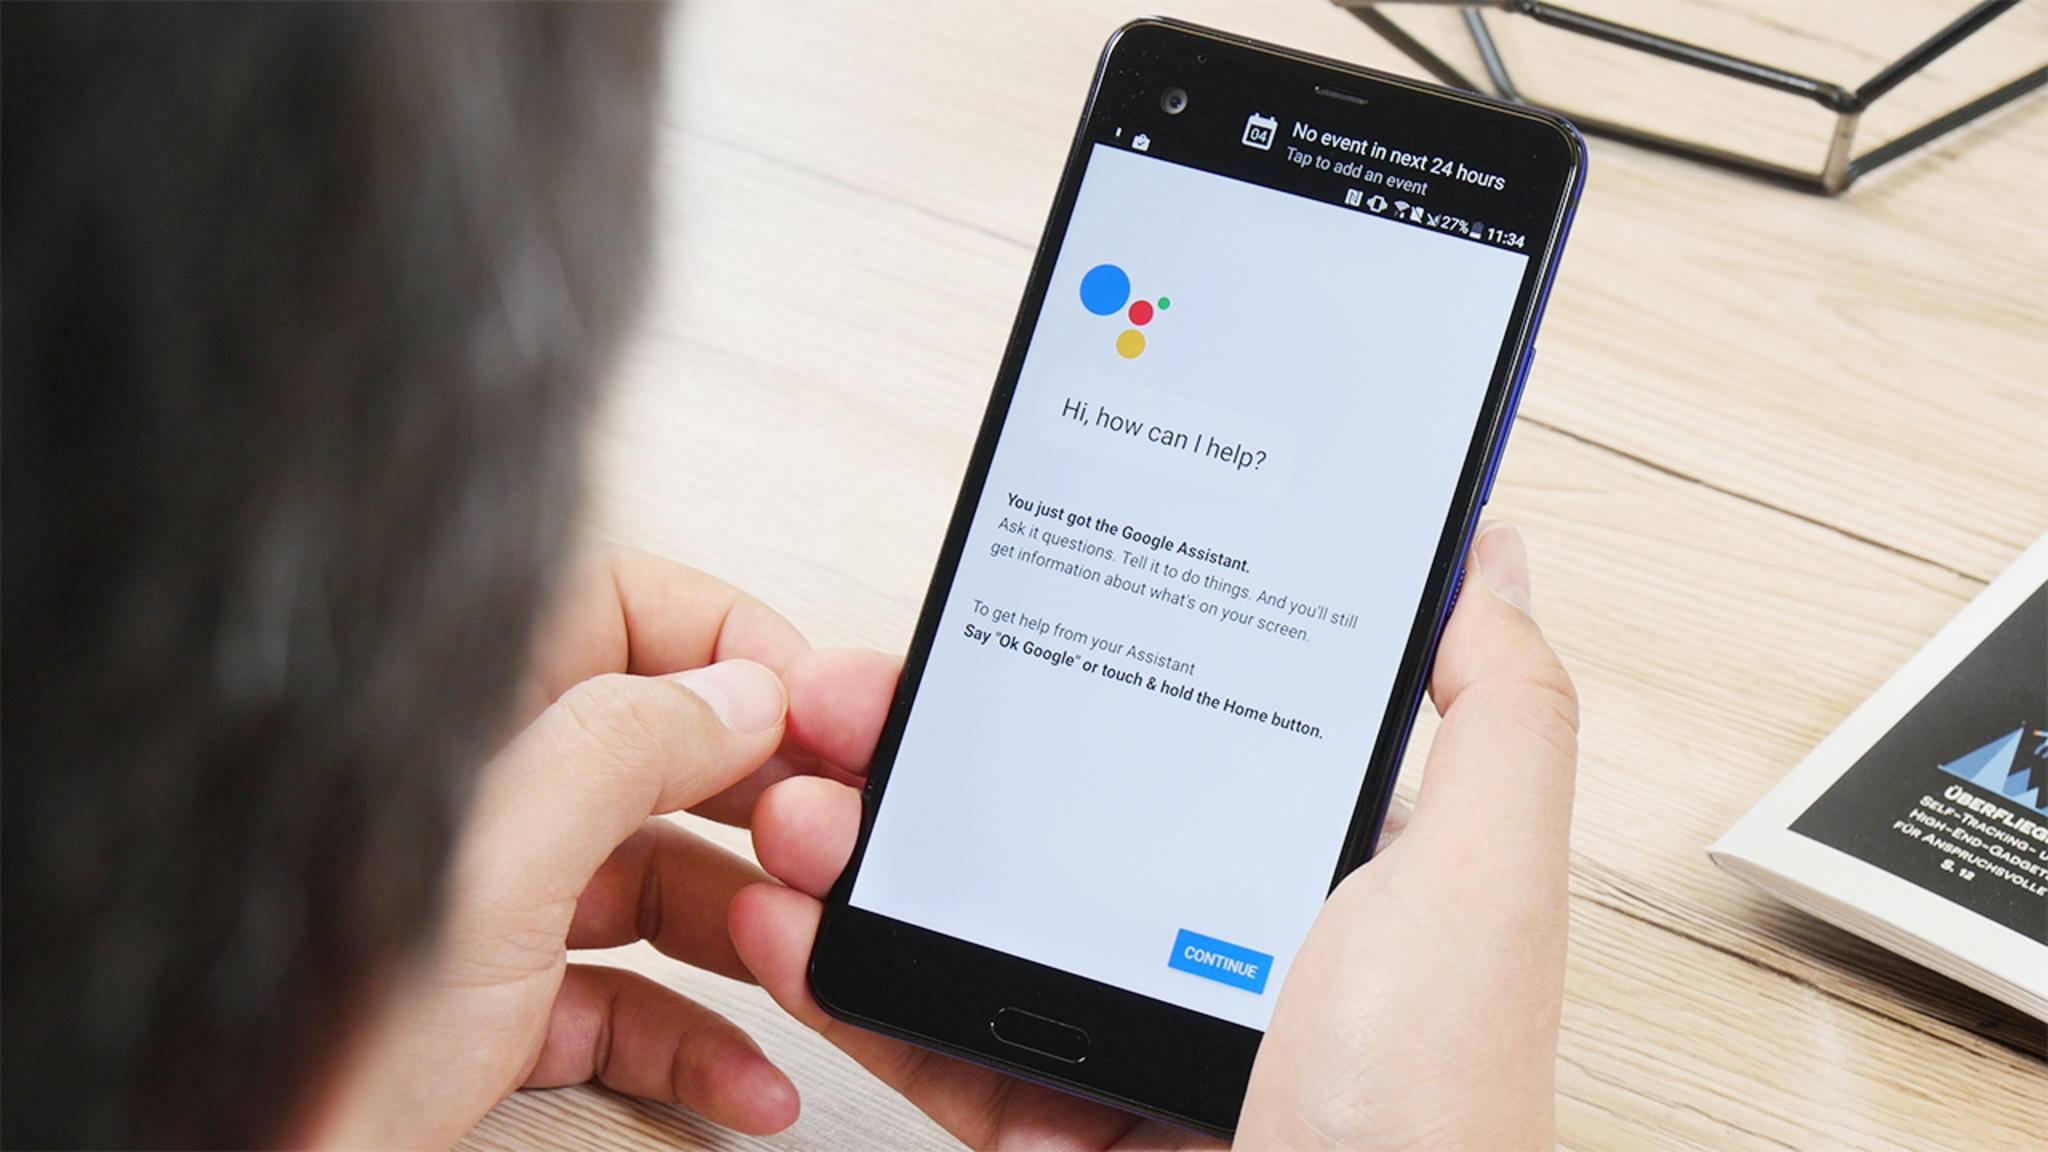 Nutze die Google-Services einfach so, wie Du es ohnehin schon tust – nur eben per Spracheingabe.